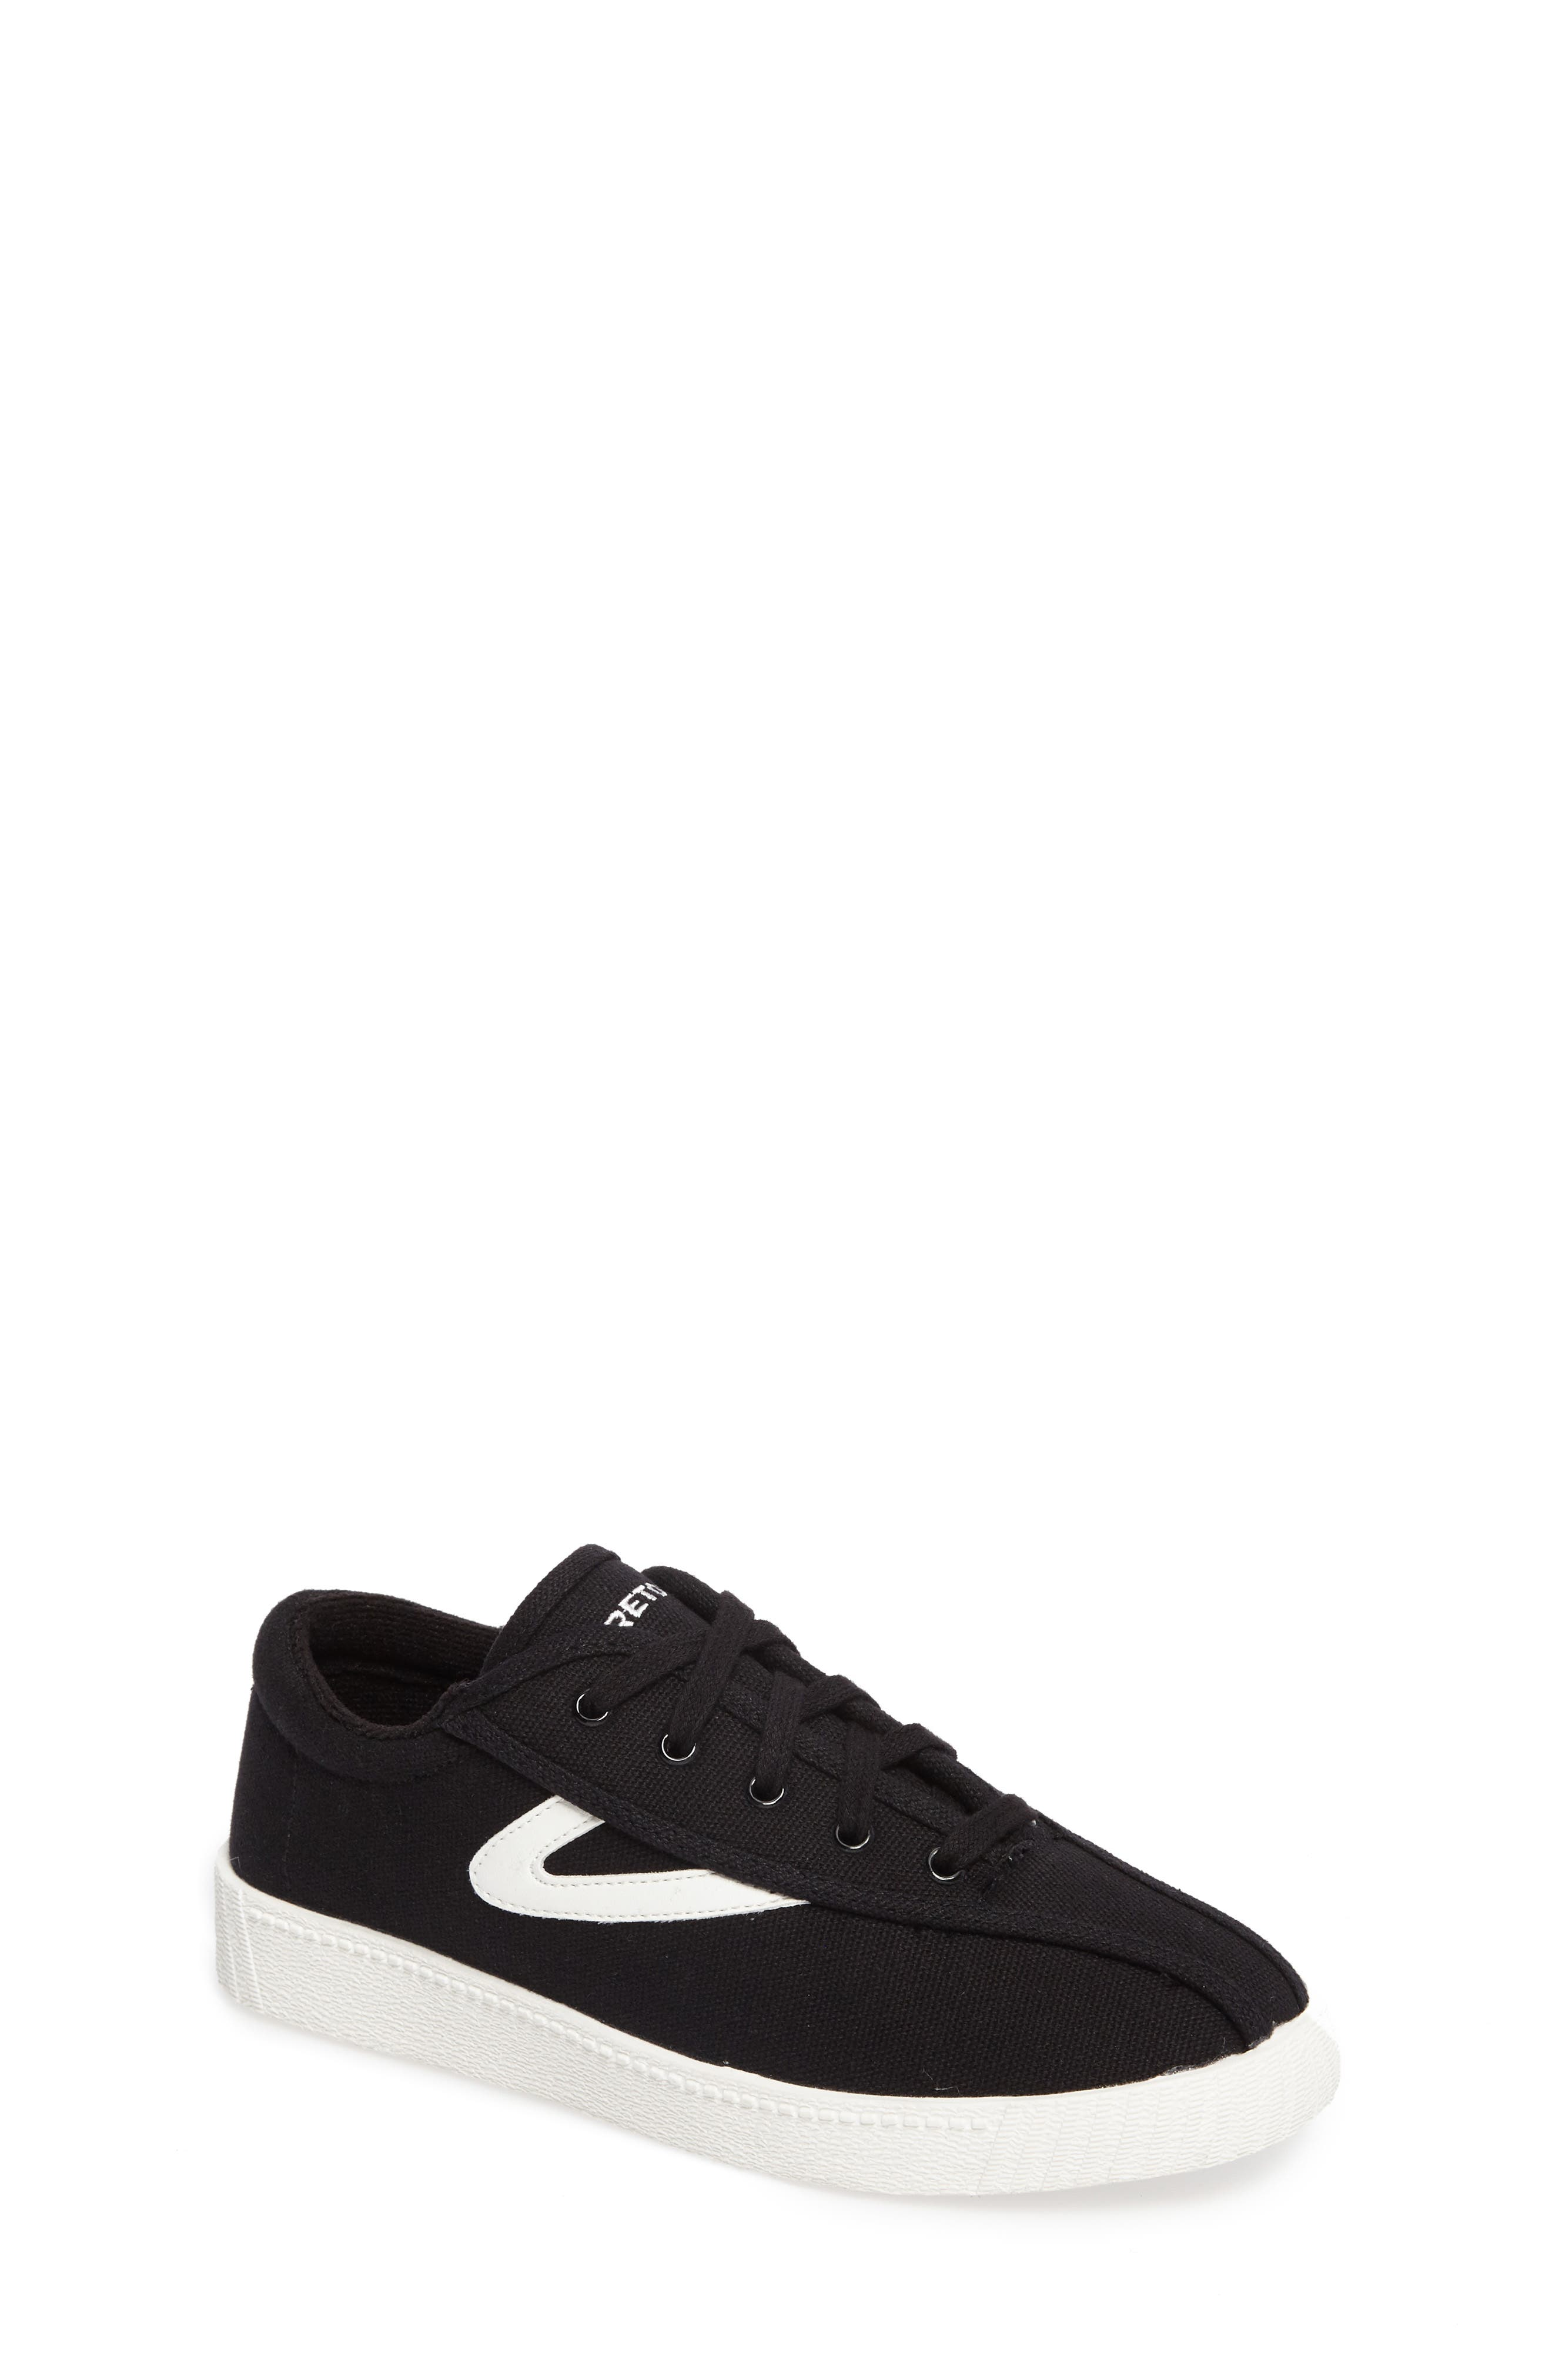 TRETORN, Nylite Plus Sneaker, Main thumbnail 1, color, 012